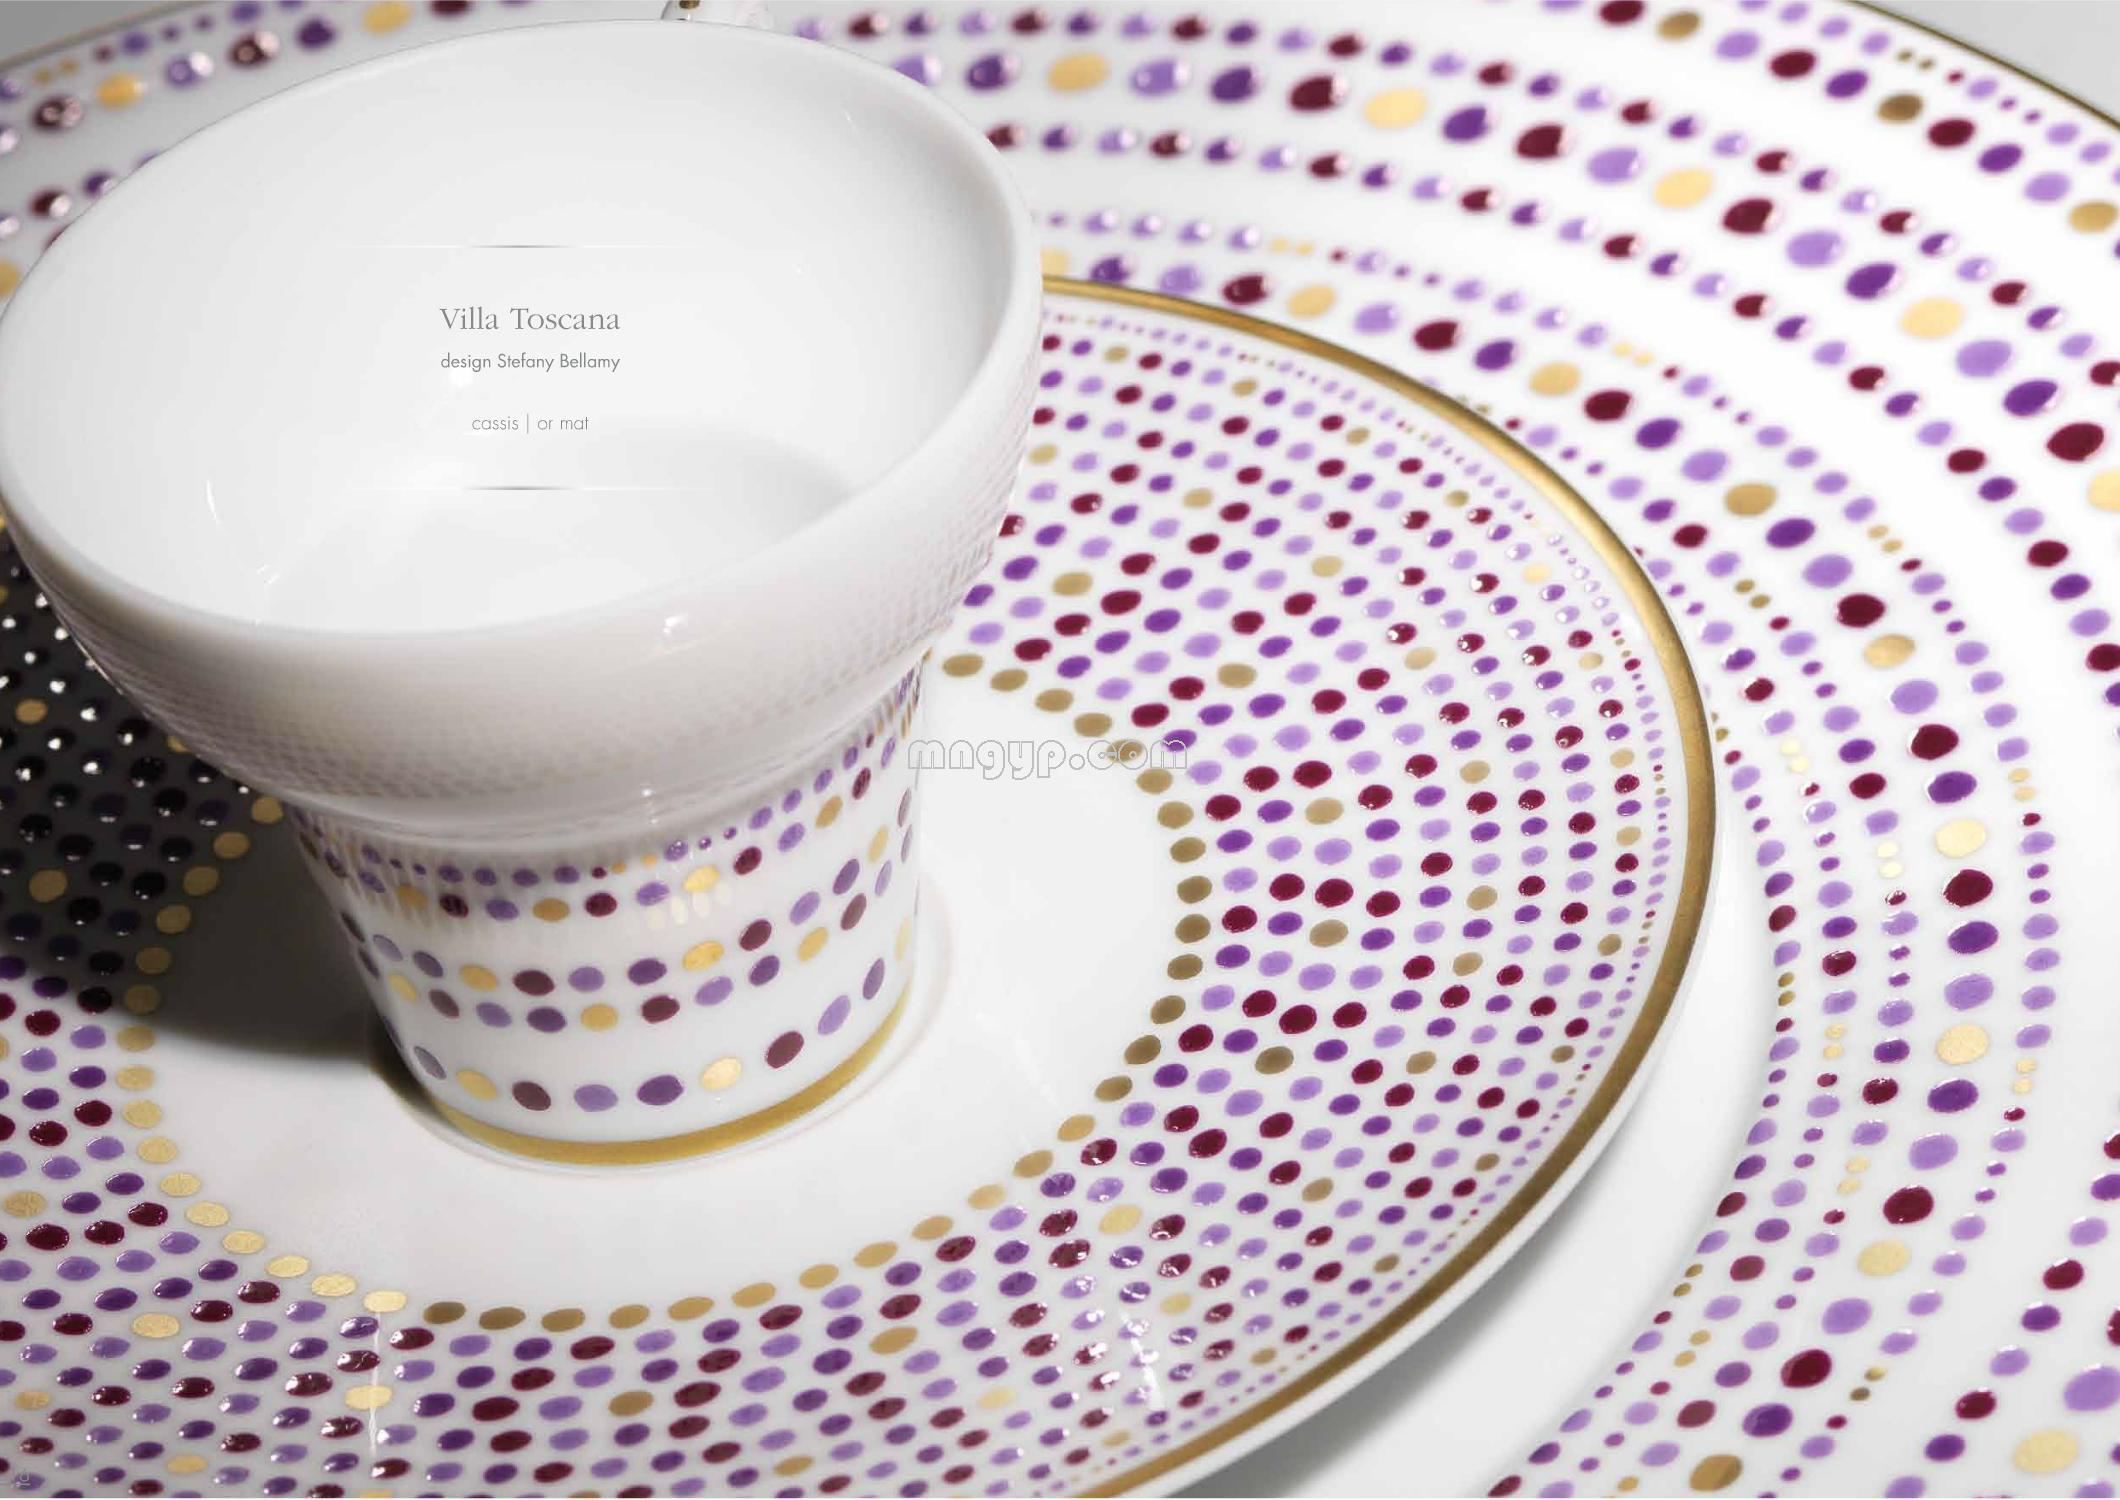 2013国外陶瓷设计图片_2120*1500